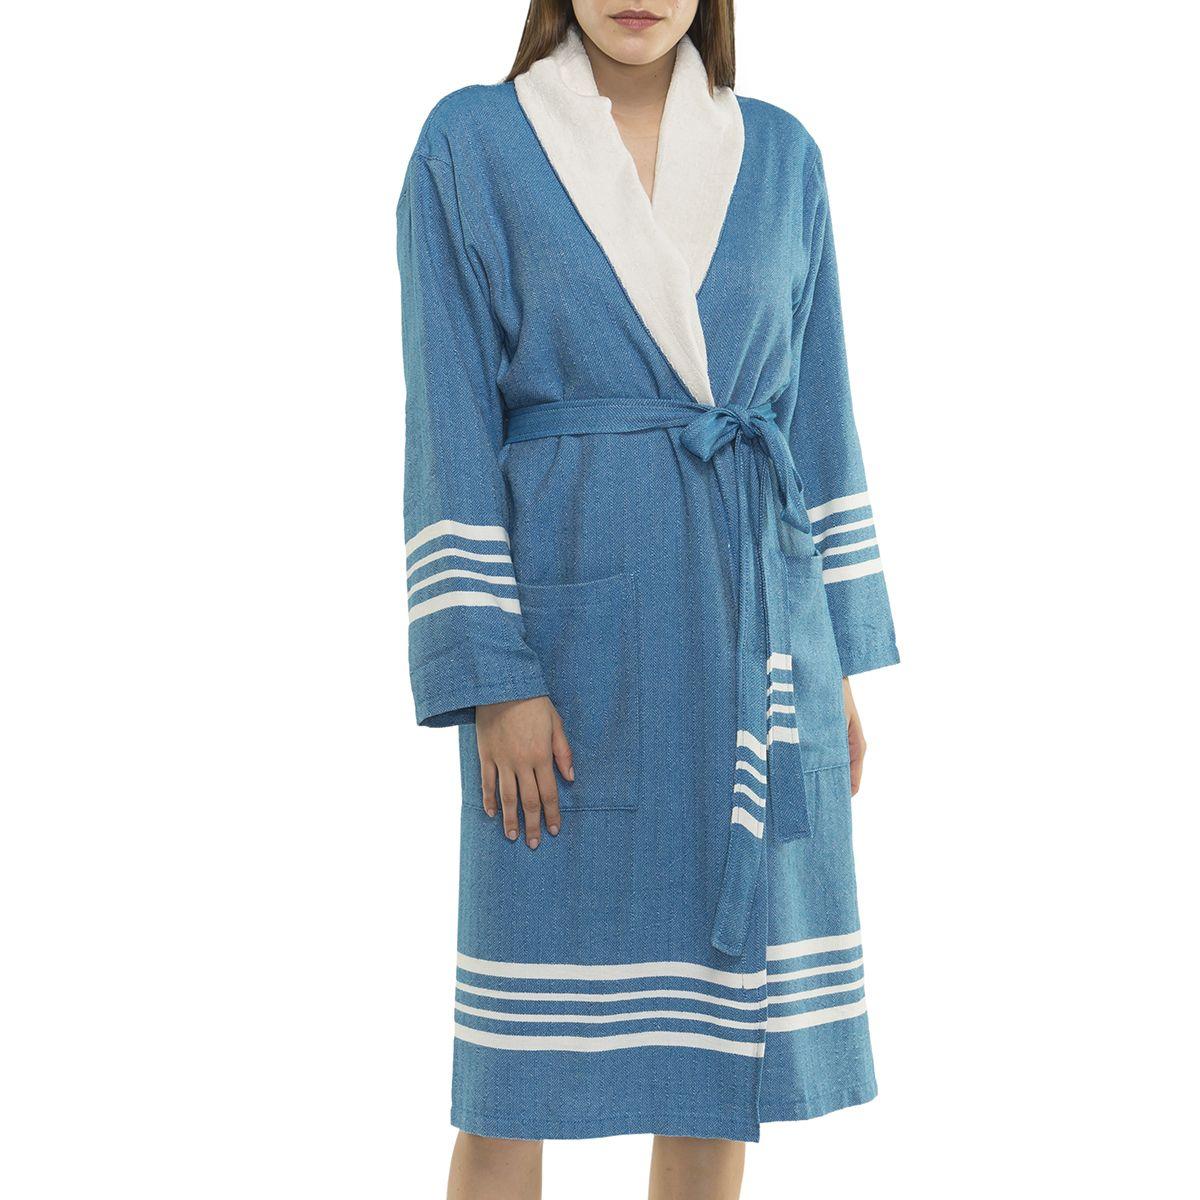 Bathrobe Sultan with towel - Petrol Blue